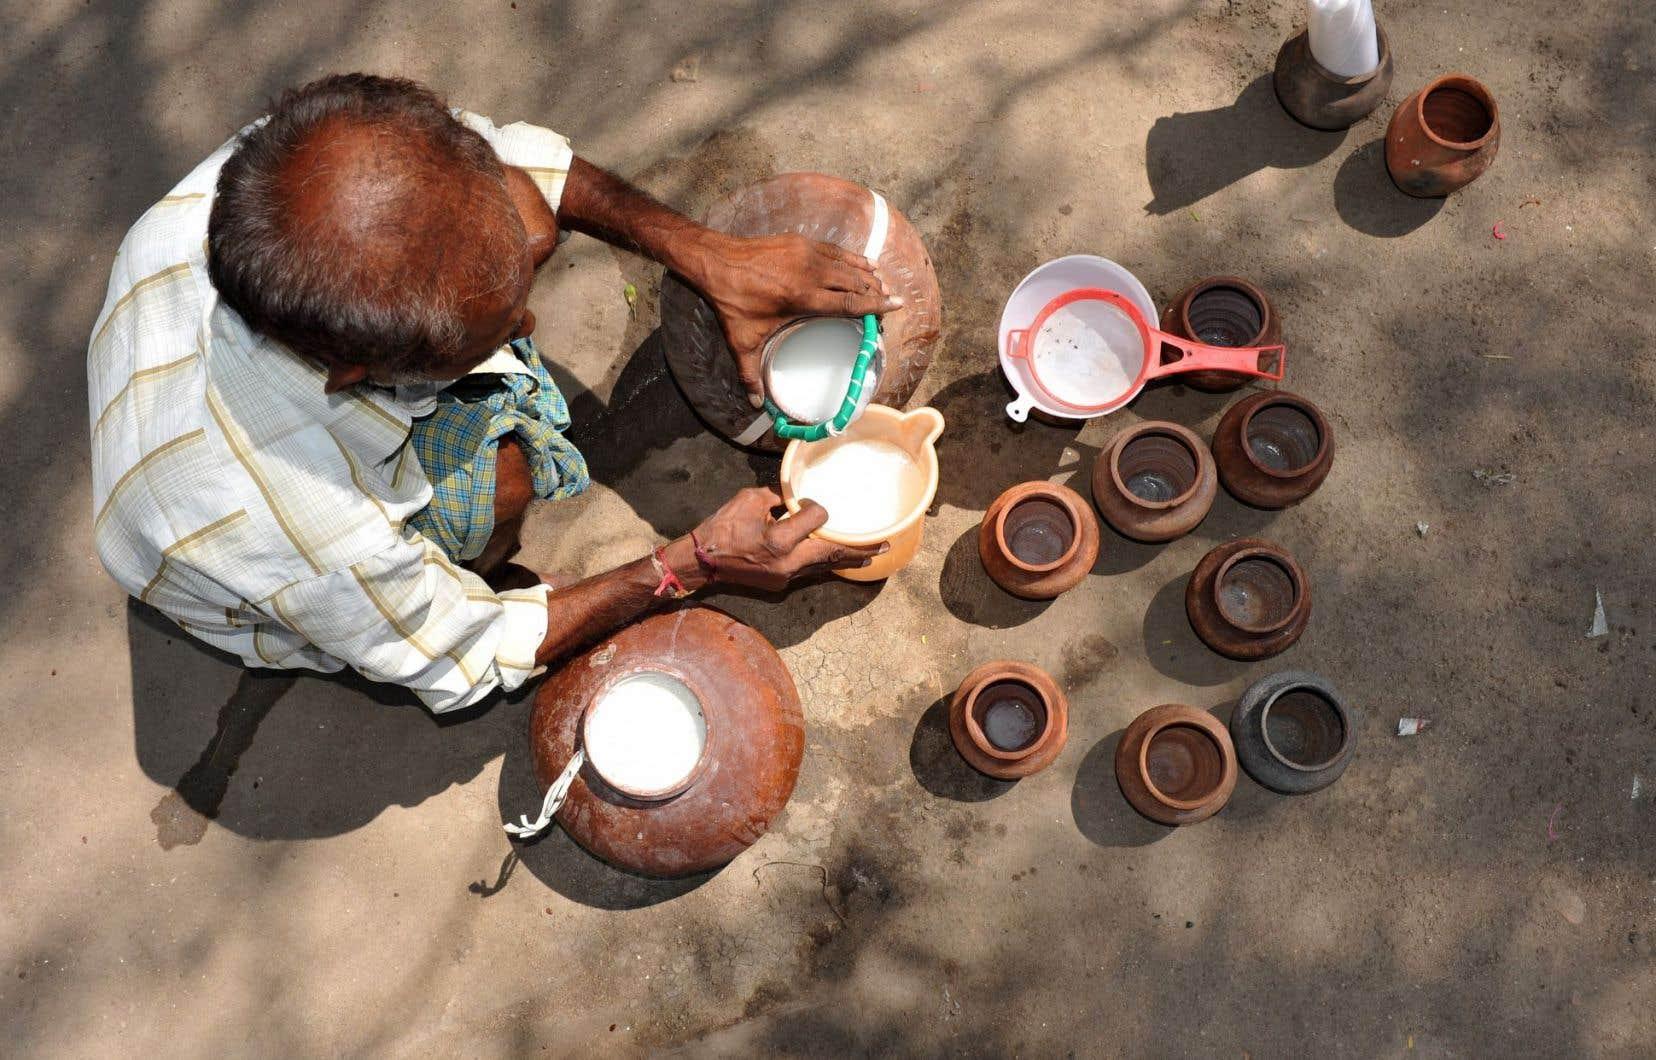 Un homme préparant le vin de palme, breuvage dont se délectentles chimpanzés de Bossou, en Guinée.